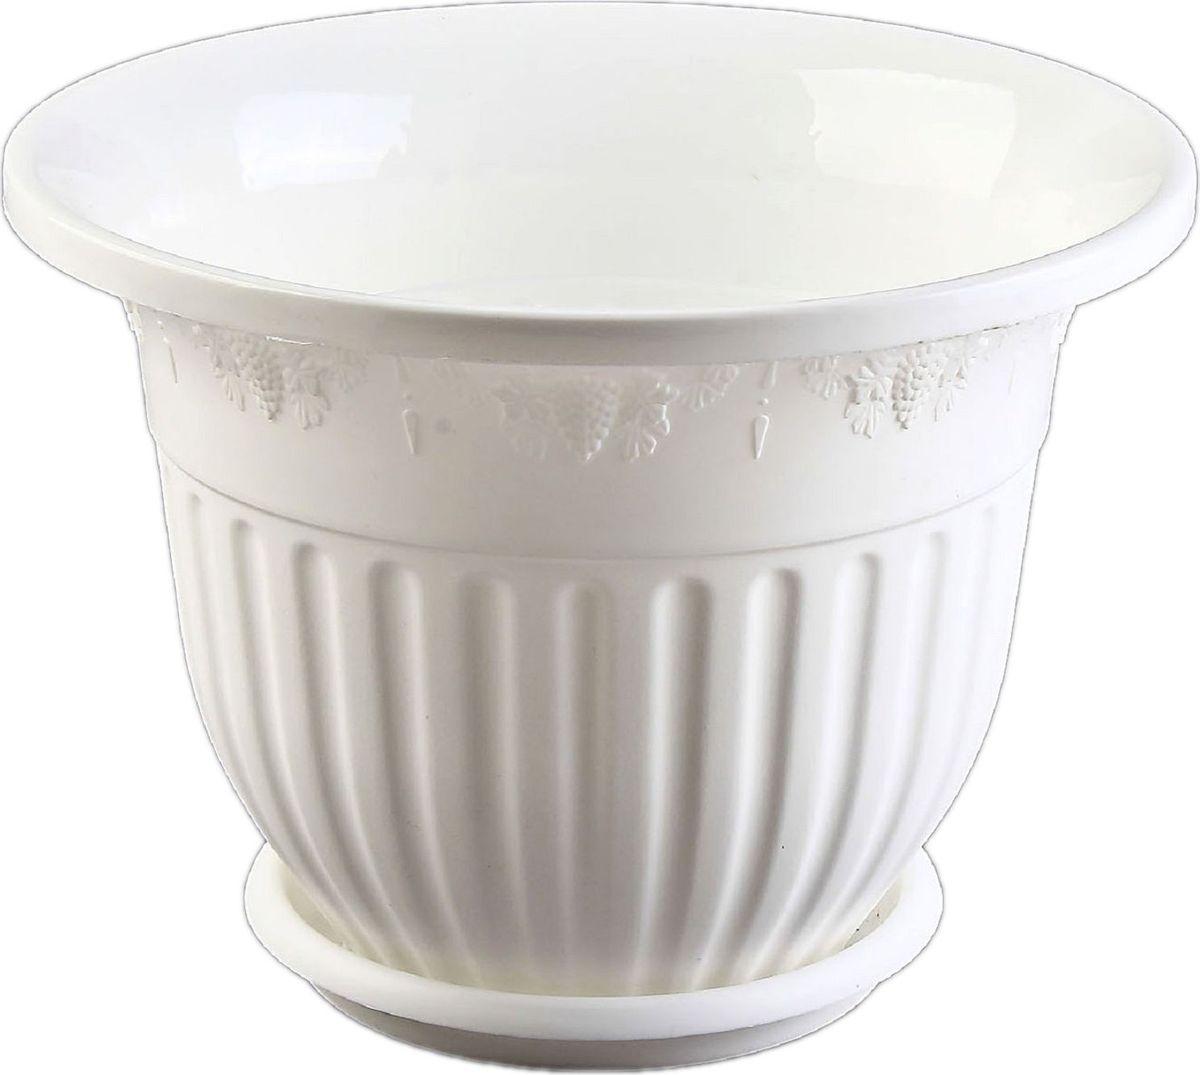 Кашпо Альтернатива Лозанна, с поддоном, цвет: белый, 3 л577788Любой, даже самый современный и продуманный интерьер будет не завершённым без растений. Они не только очищают воздух и насыщают его кислородом, но и заметно украшают окружающее пространство. Такому полезному &laquo члену семьи&raquoпросто необходимо красивое и функциональное кашпо, оригинальный горшок или необычная ваза! Мы предлагаем - Горшок-кашпо 3 л Лозанна, поддон, цвет белый!Оптимальный выбор материала &mdash &nbsp пластмасса! Почему мы так считаем? Малый вес. С лёгкостью переносите горшки и кашпо с места на место, ставьте их на столики или полки, подвешивайте под потолок, не беспокоясь о нагрузке. Простота ухода. Пластиковые изделия не нуждаются в специальных условиях хранения. Их&nbsp легко чистить &mdashдостаточно просто сполоснуть тёплой водой. Никаких царапин. Пластиковые кашпо не царапают и не загрязняют поверхности, на которых стоят. Пластик дольше хранит влагу, а значит &mdashрастение реже нуждается в поливе. Пластмасса не пропускает воздух &mdashкорневой системе растения не грозят резкие перепады температур. Огромный выбор форм, декора и расцветок &mdashвы без труда подберёте что-то, что идеально впишется в уже существующий интерьер.Соблюдая нехитрые правила ухода, вы можете заметно продлить срок службы горшков, вазонов и кашпо из пластика: всегда учитывайте размер кроны и корневой системы растения (при разрастании большое растение способно повредить маленький горшок)берегите изделие от воздействия прямых солнечных лучей, чтобы кашпо и горшки не выцветалидержите кашпо и горшки из пластика подальше от нагревающихся поверхностей.Создавайте прекрасные цветочные композиции, выращивайте рассаду или необычные растения, а низкие цены позволят вам не ограничивать себя в выборе.